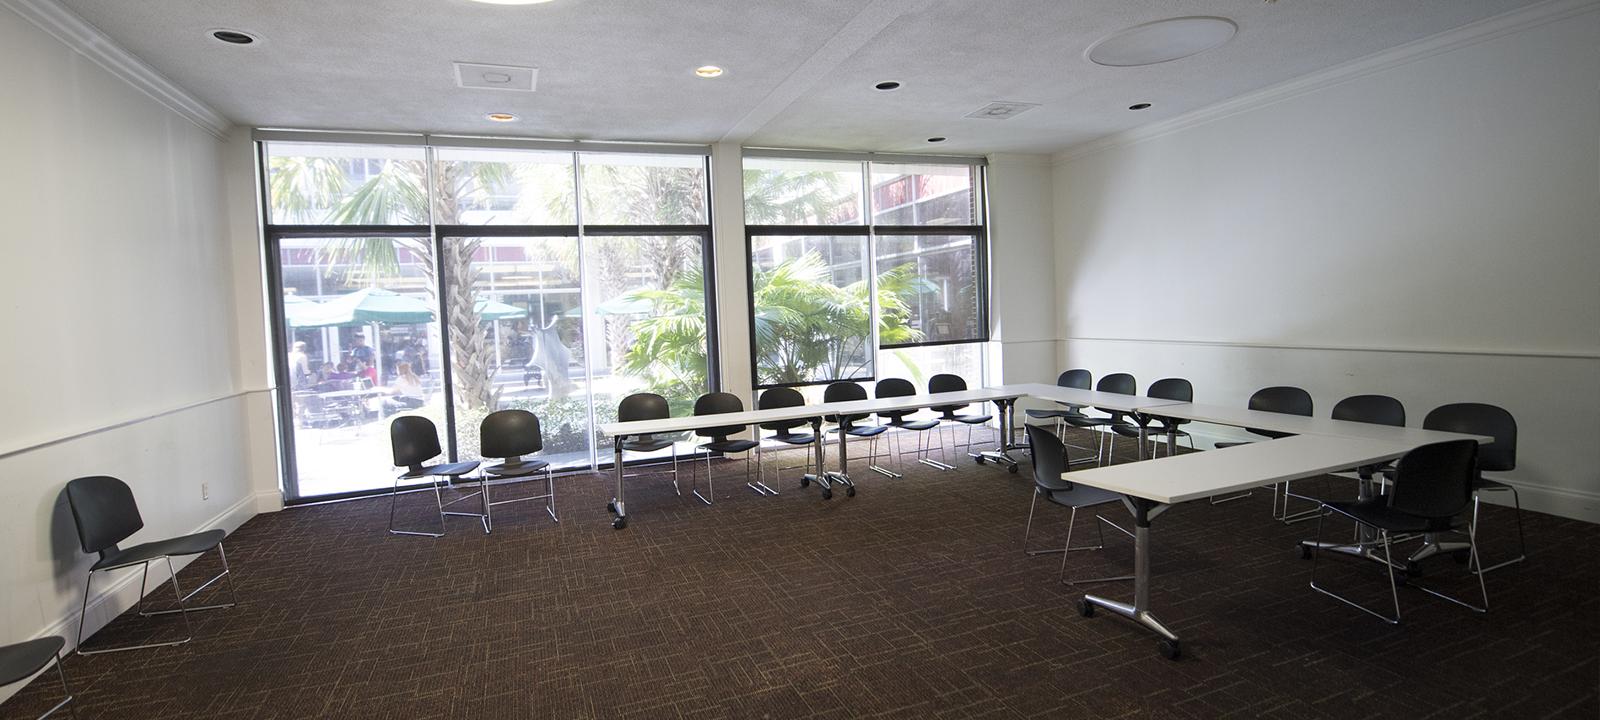 Claiborne Room, Danna Student Center